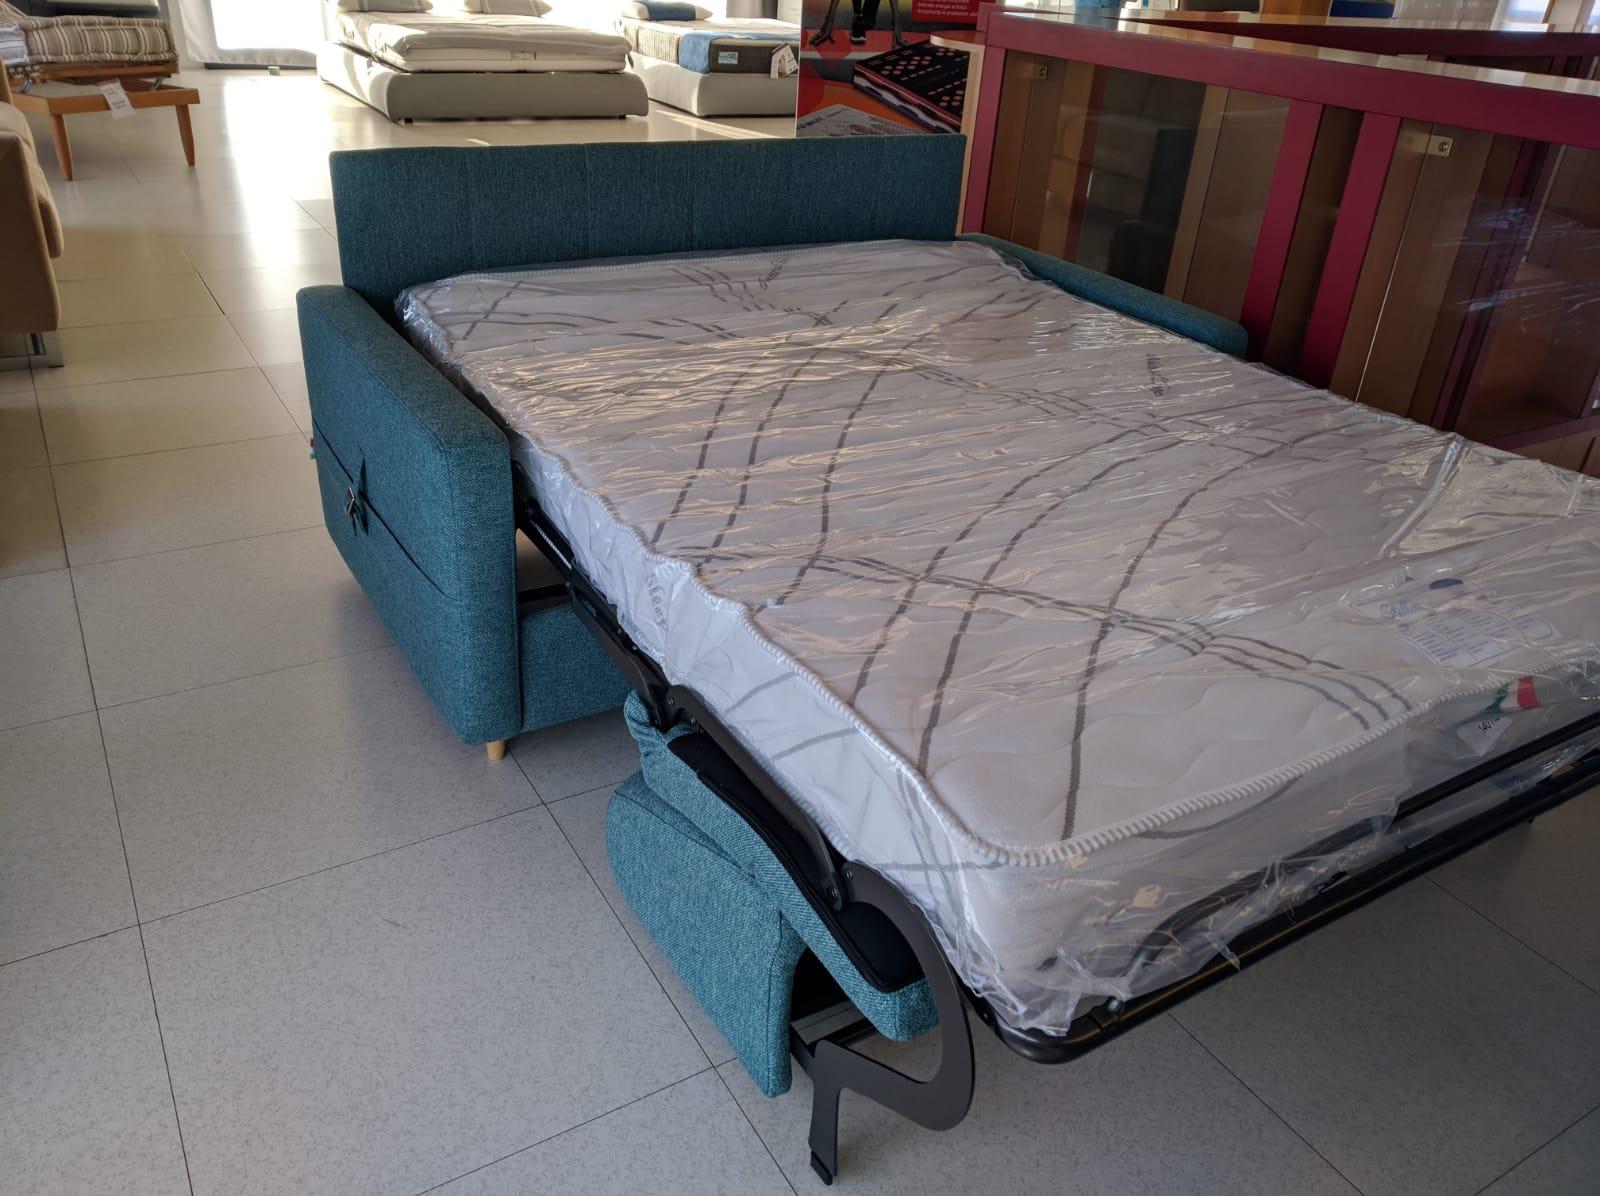 divano letto pronta consegna - Nuova Tag Cassano Magnago